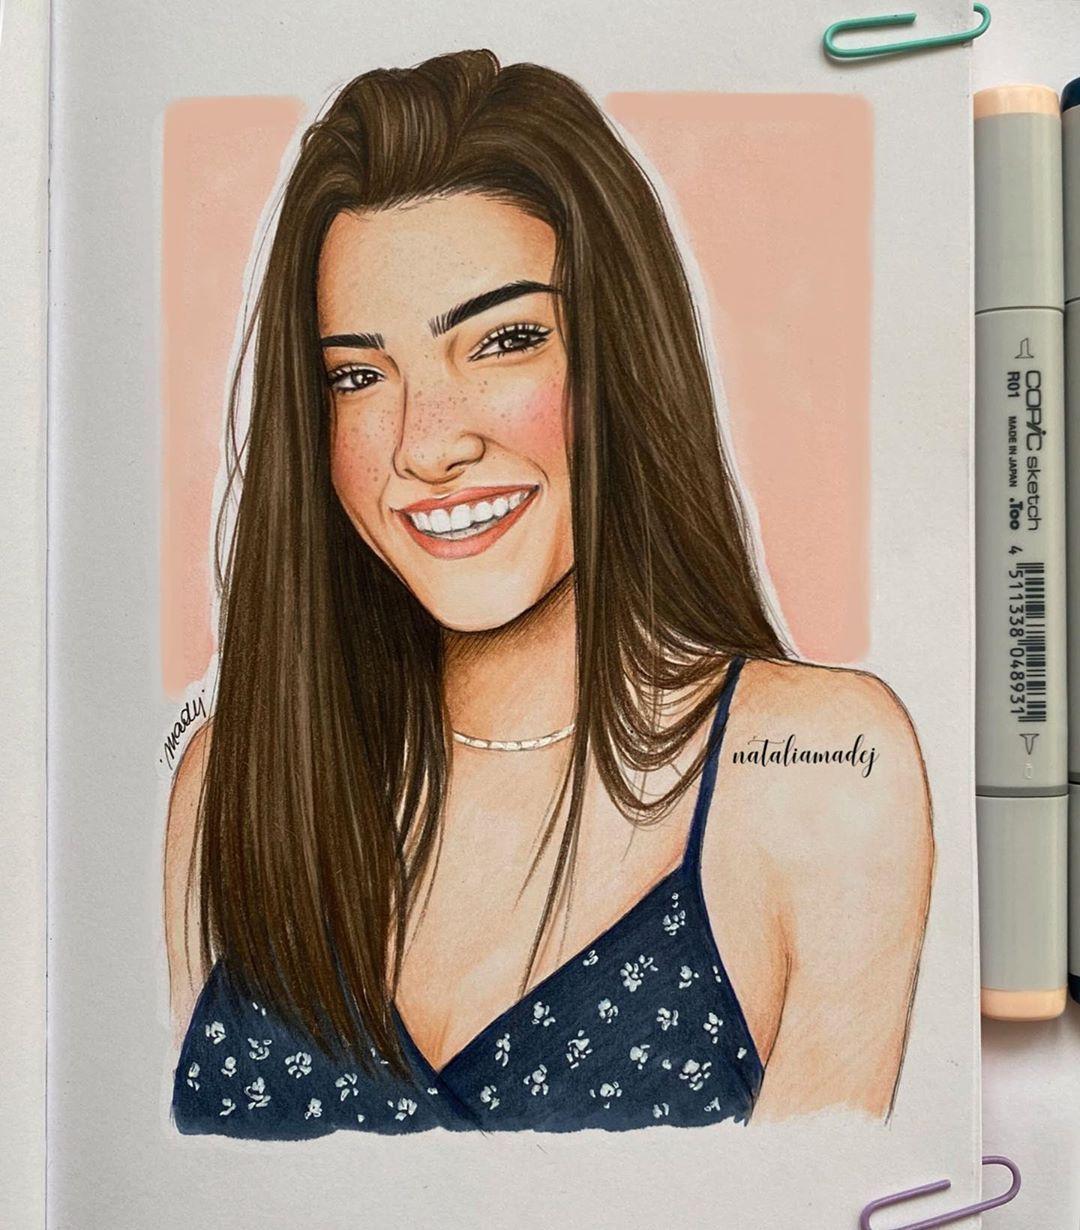 Natalia Madej ✨ sur Instagram : Charli ✨ @charlidamelio #drawing #art  #sketching #sketch #sketchbook #cha… in 2020 | Celebrity drawings, Pencil  art drawings, Girly drawings